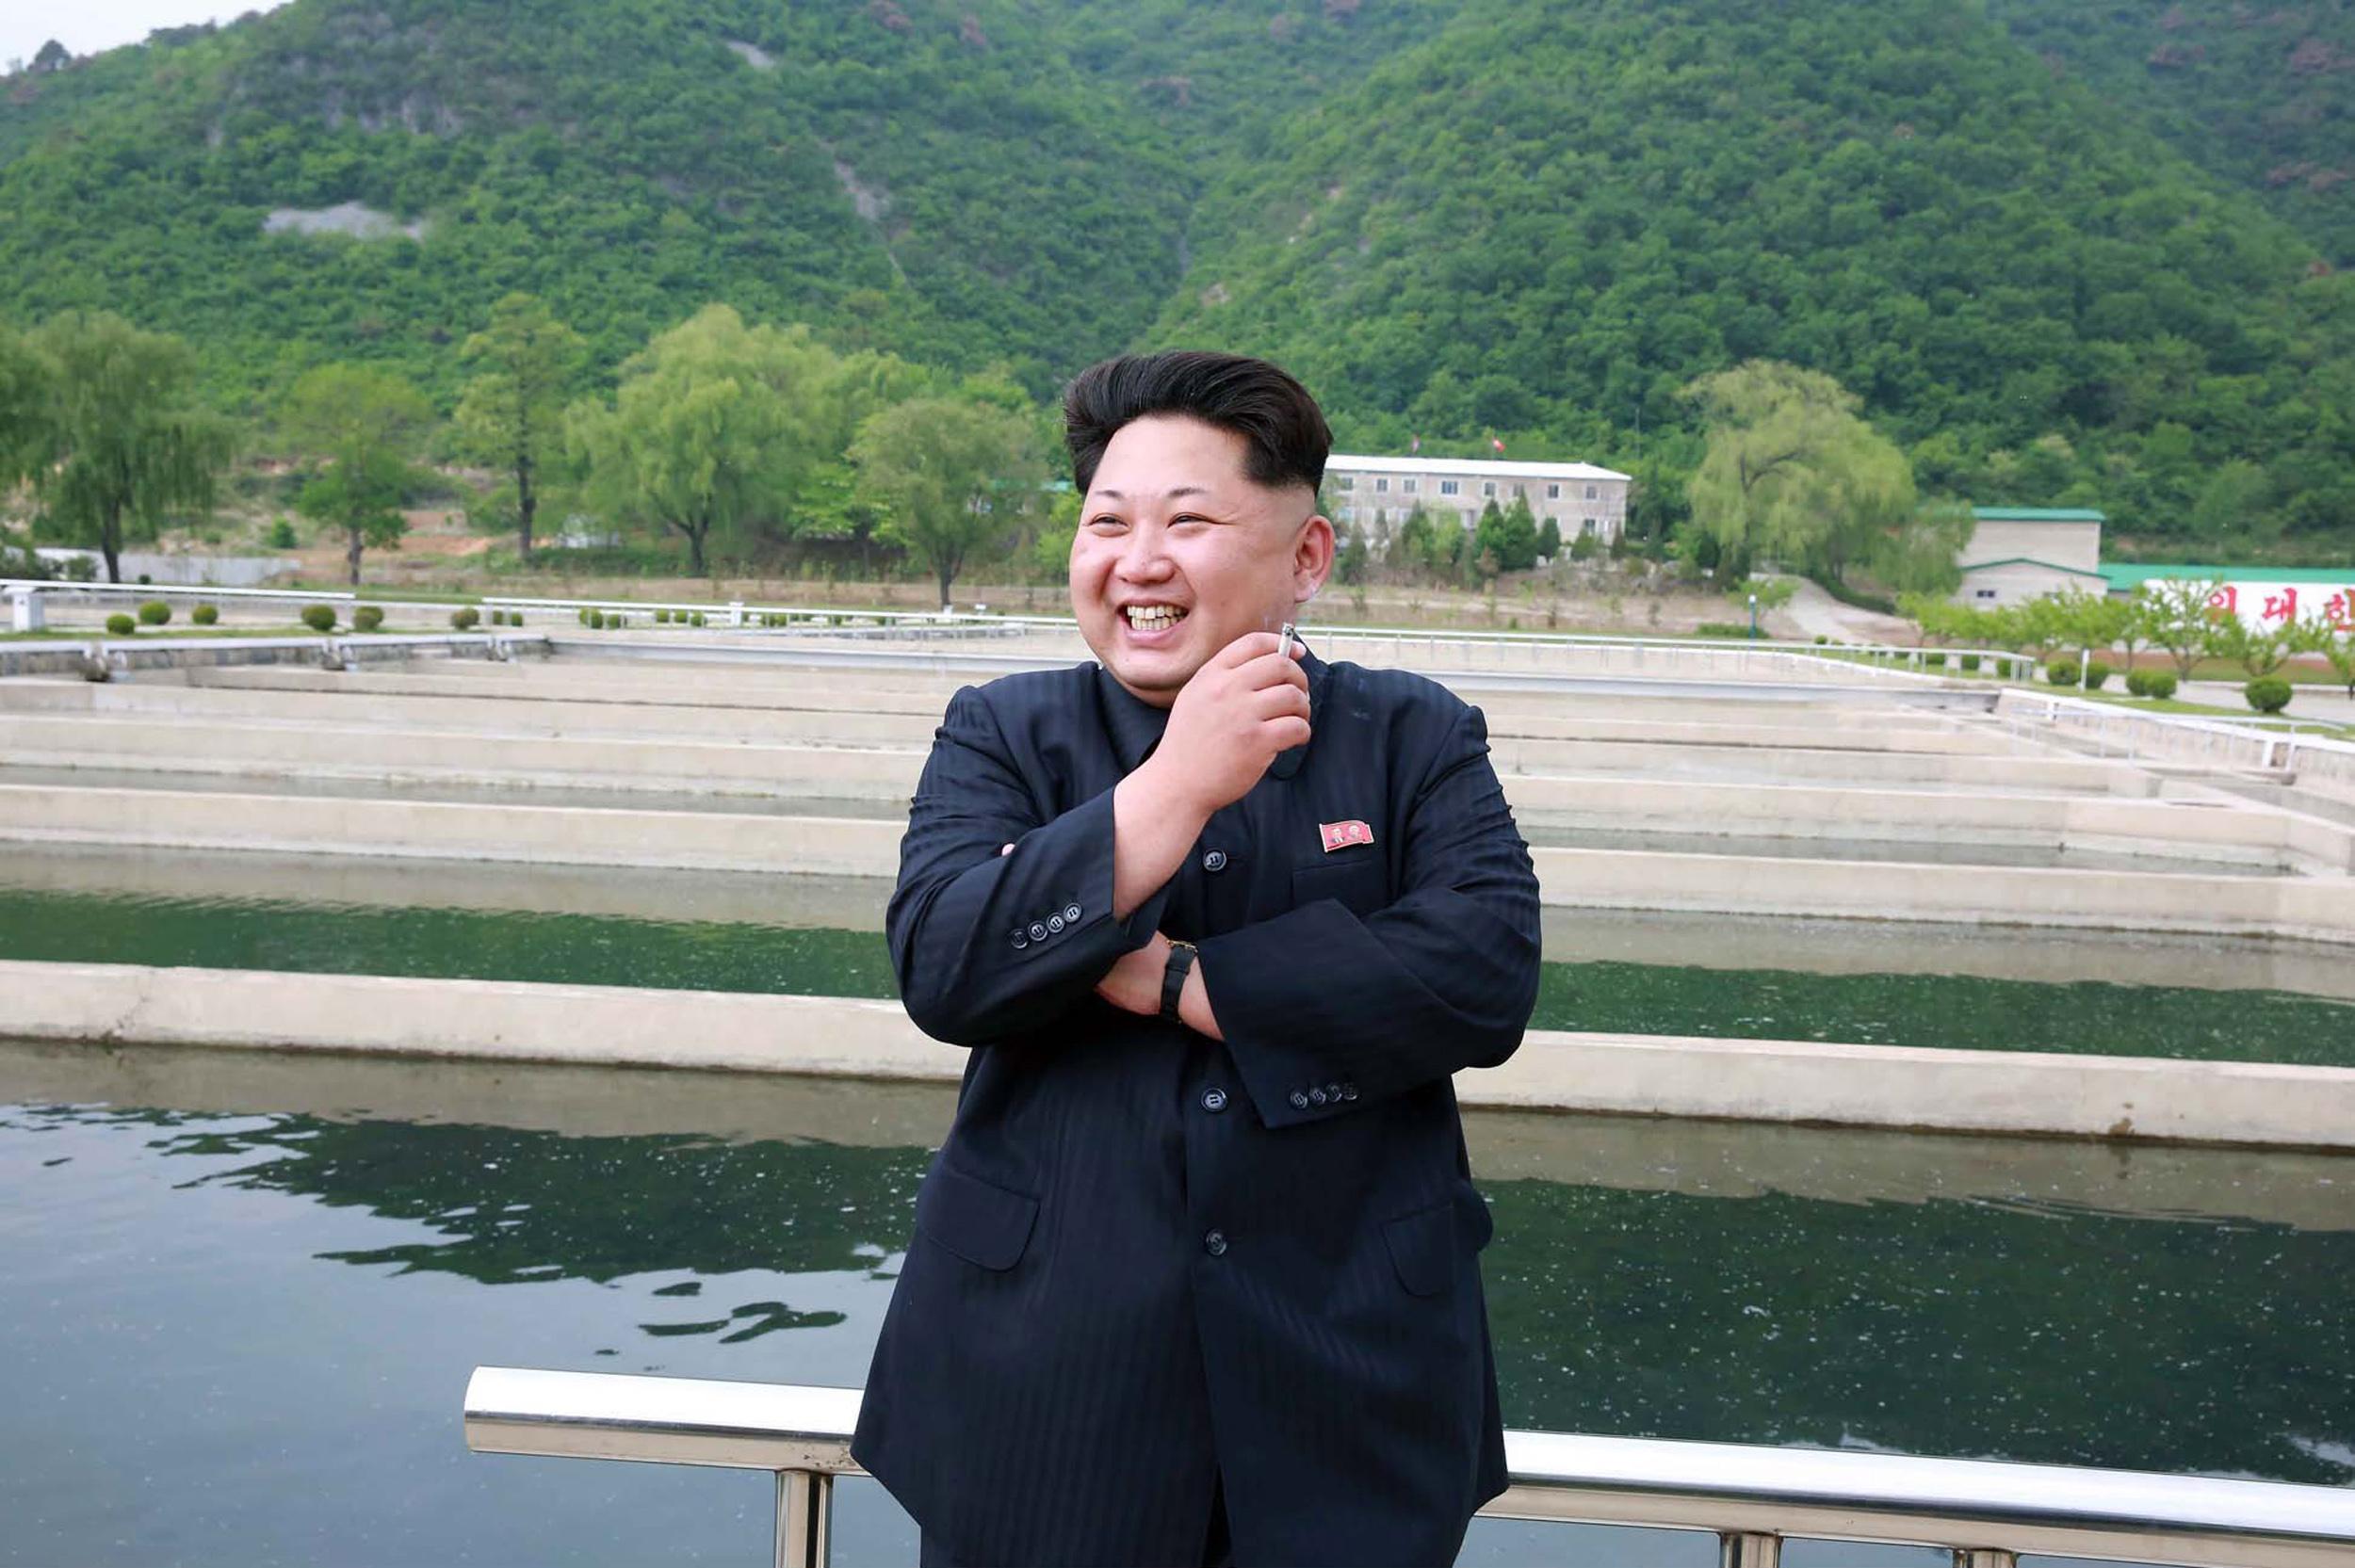 Észak-Korea bármikor kész tárgyalni